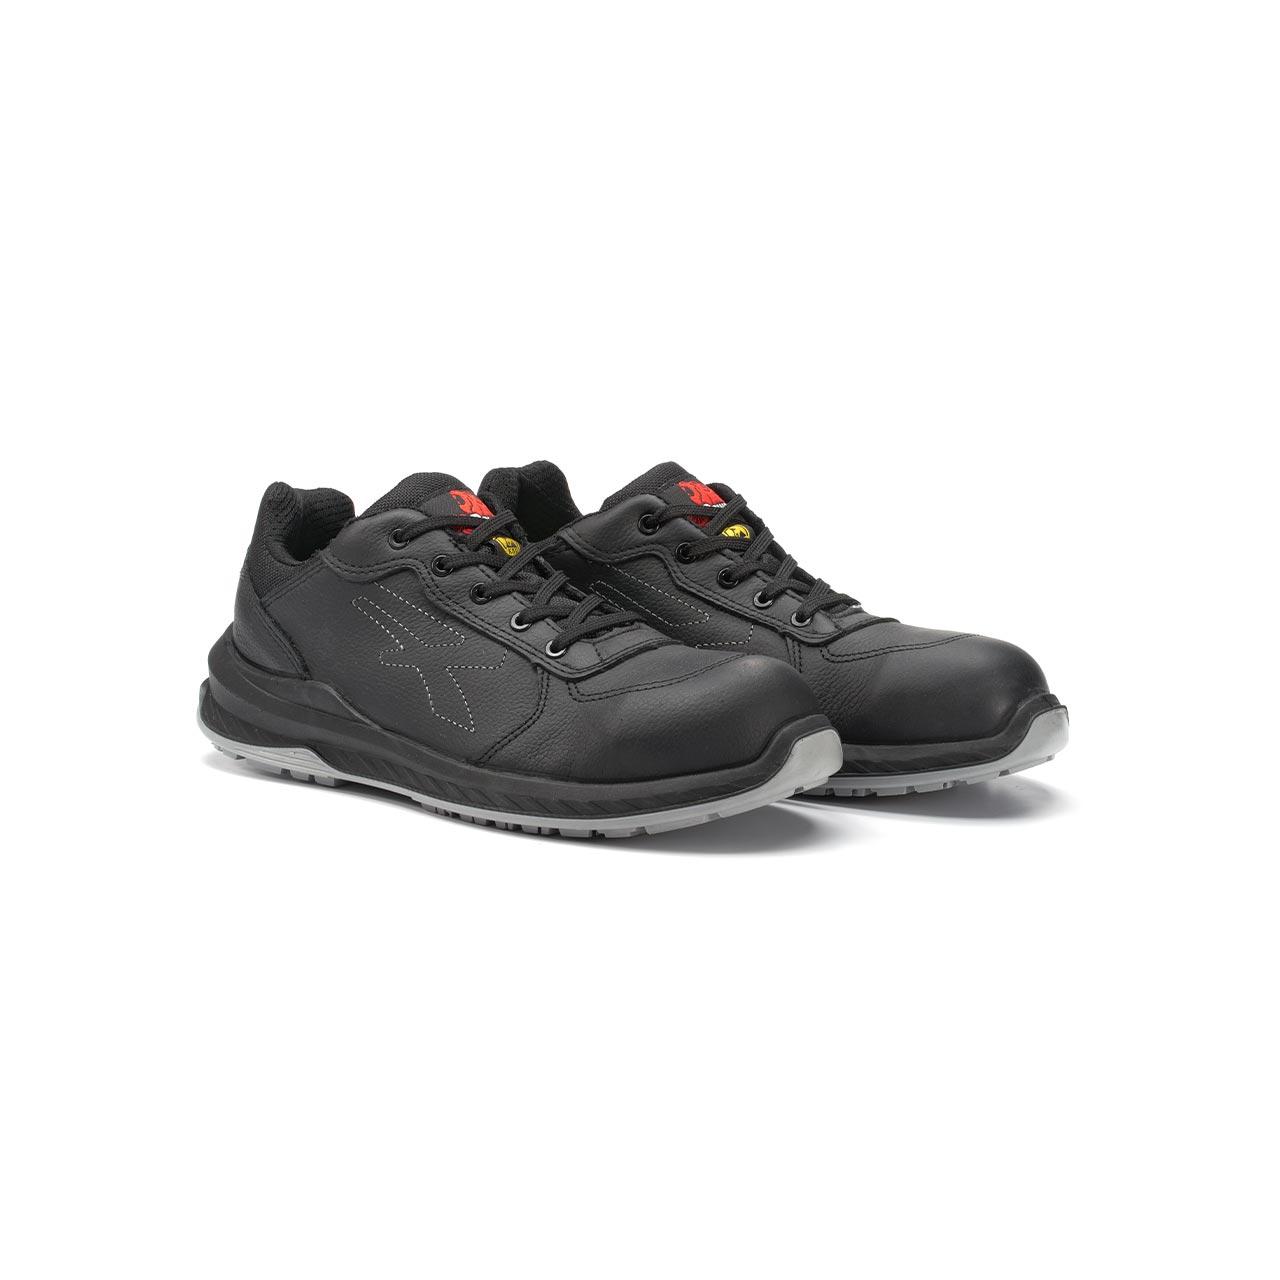 paio di scarpe antinfortunistiche upower modello nero linea redindustry vista prospettica